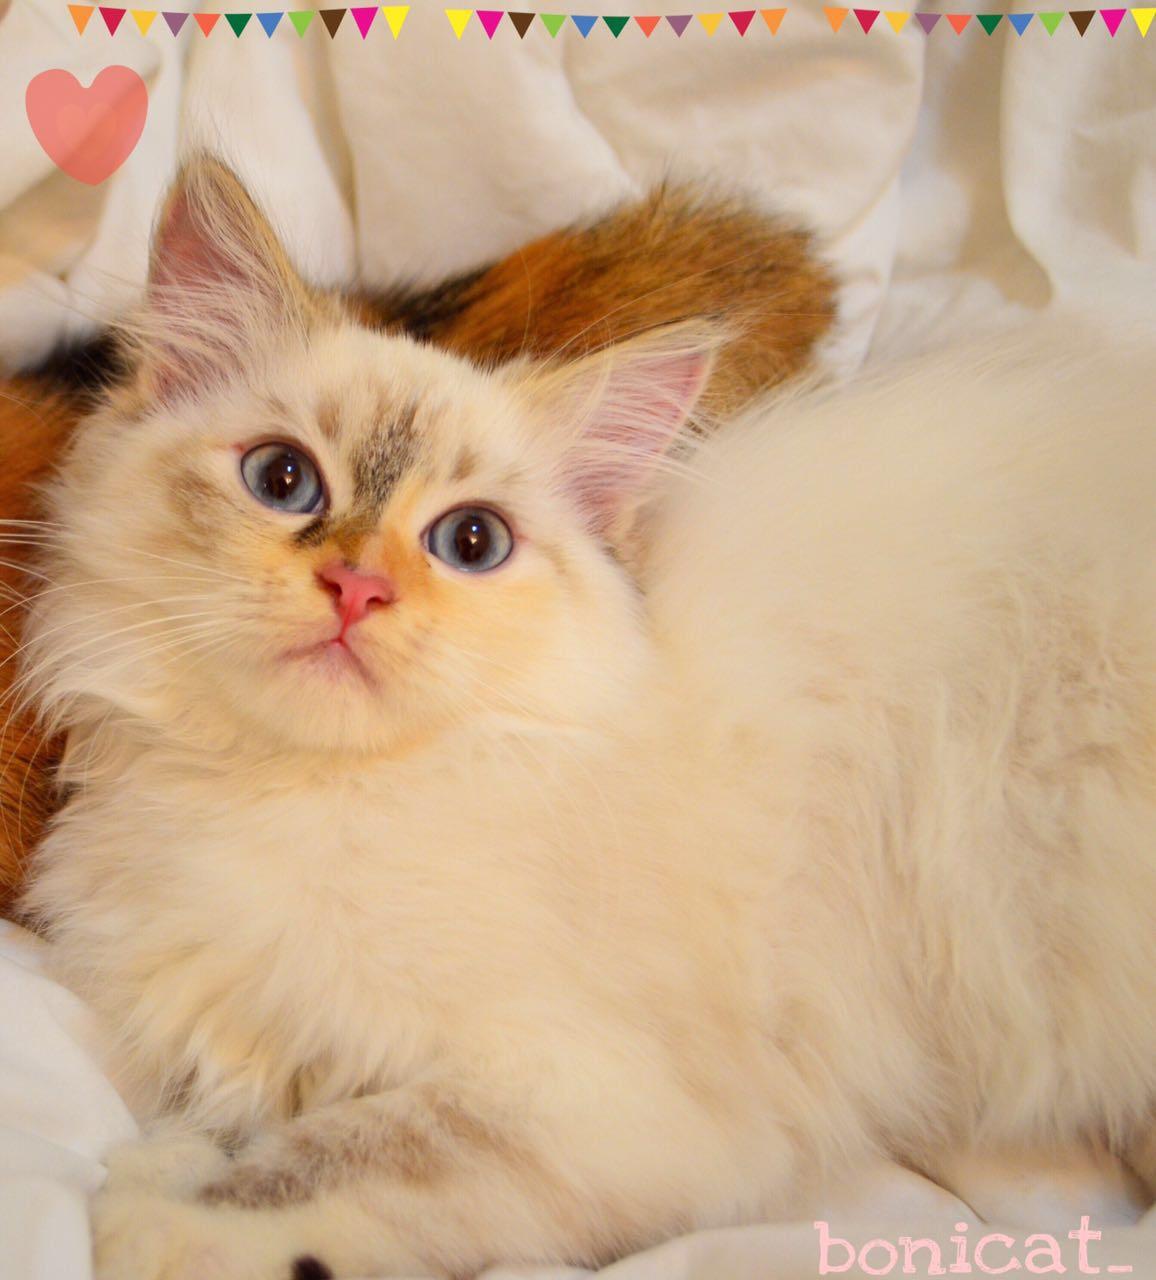 قطط صغيره للبيع فائقة الجمال 2020 D832fab1599ce25ea15a6e9aaa210248